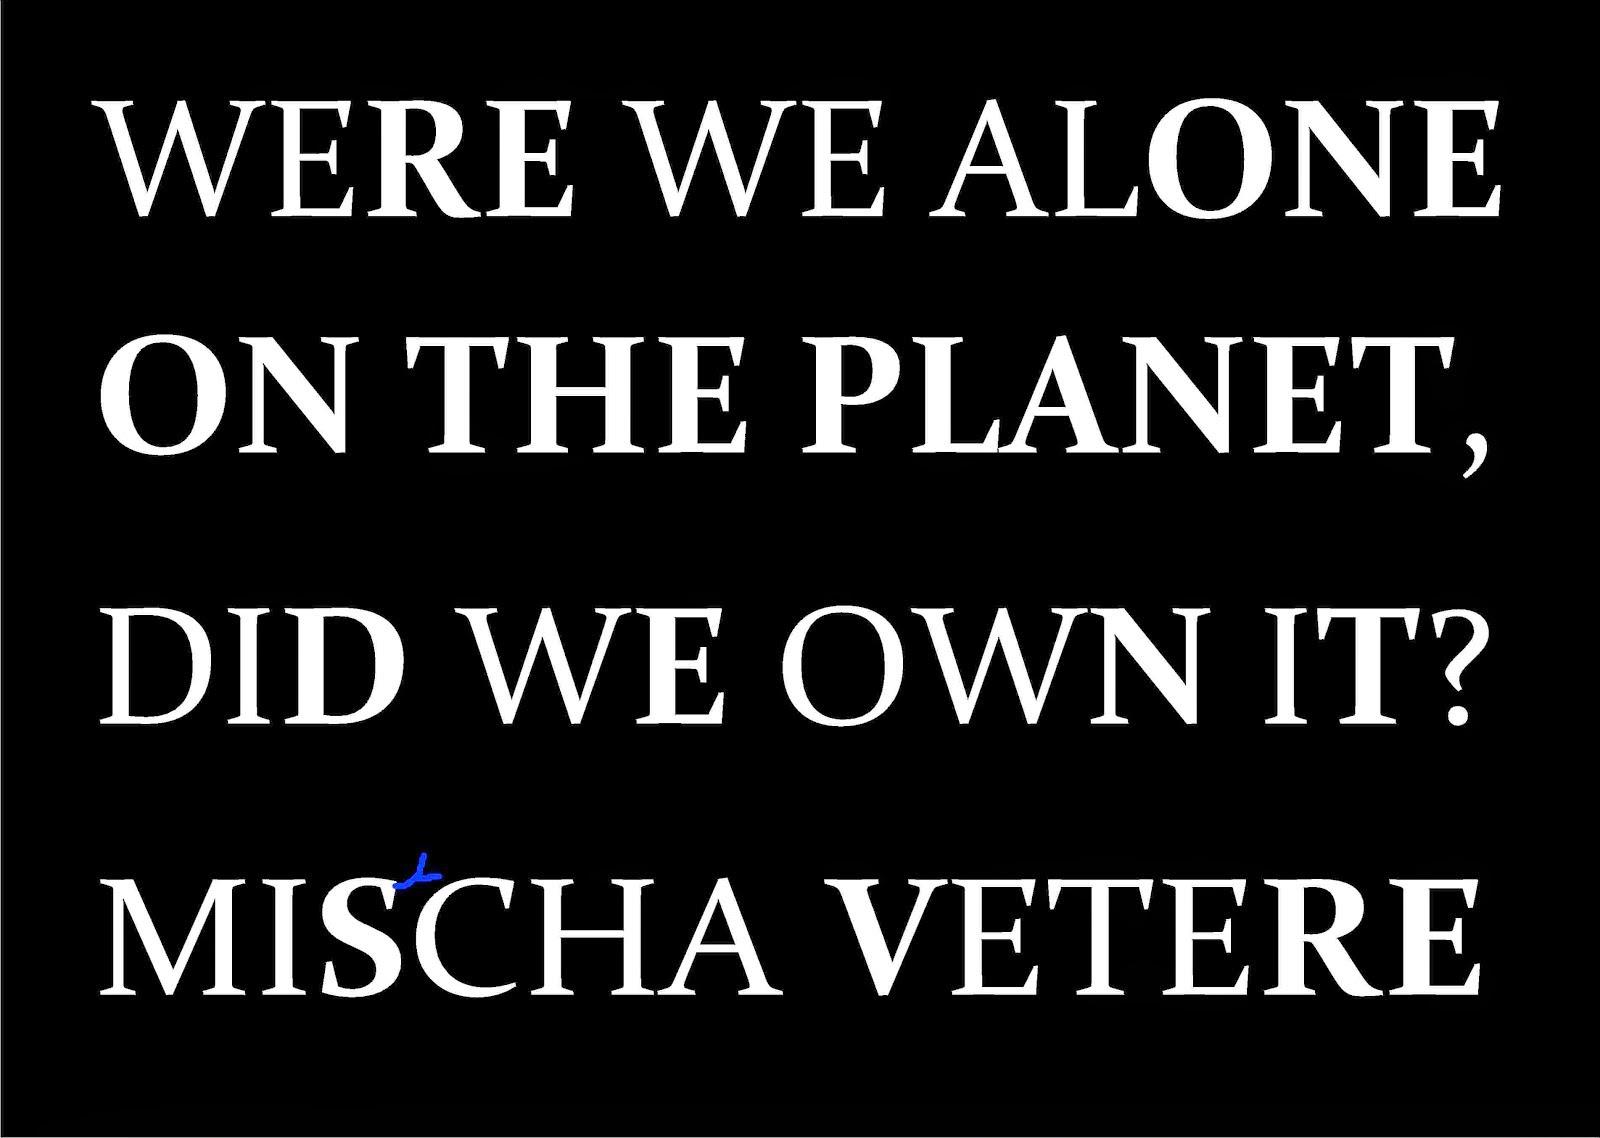 S-talk SHAKESPEARE talk mischa vetere THE MENTAL REVOLUTION earth environment